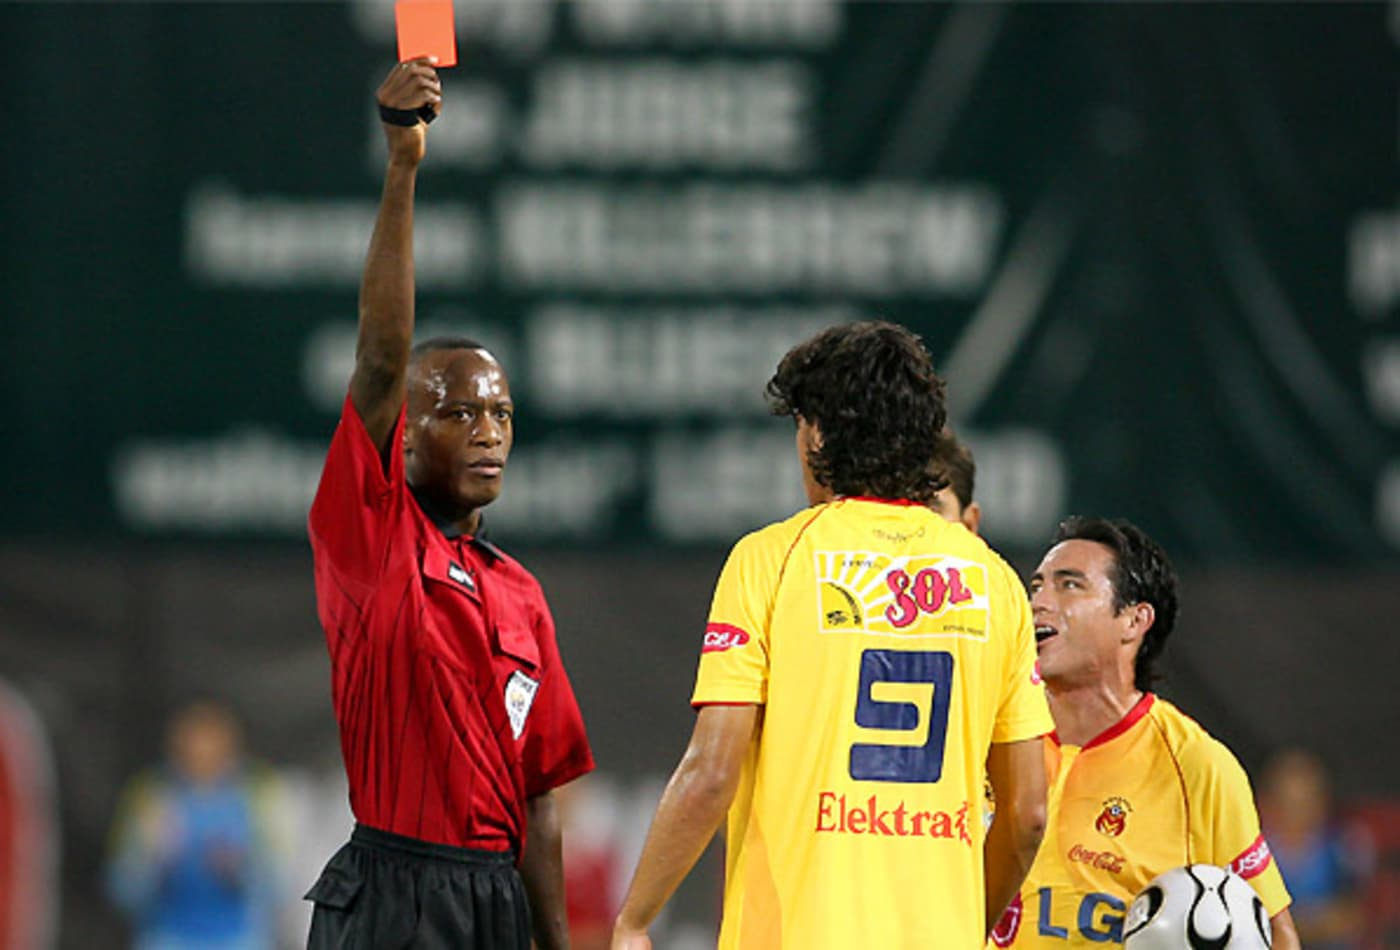 SS_Sports_Jobs_Referee.jpg